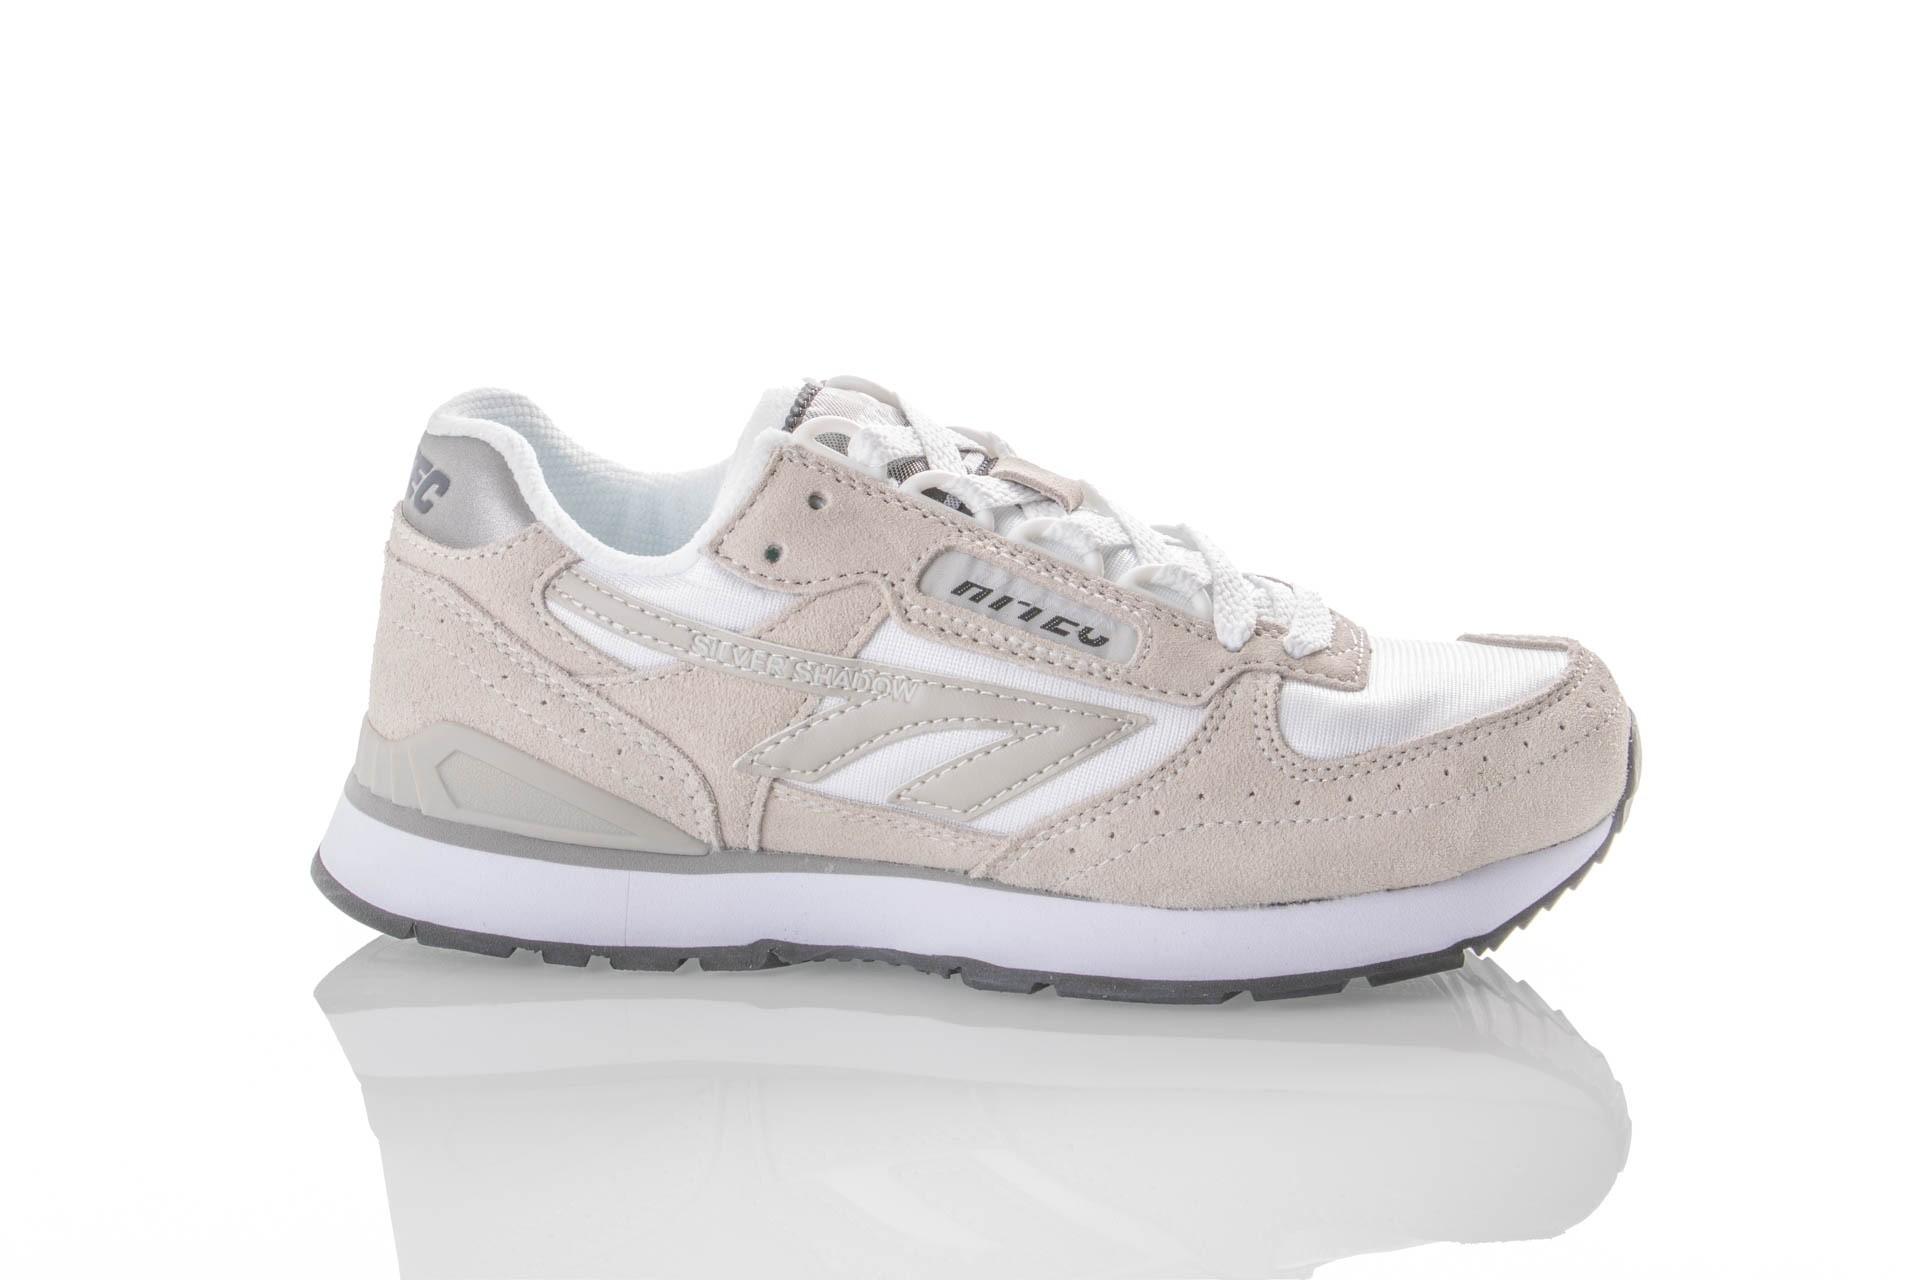 Afbeelding van Hi-Tec SILVER SHADOW O006911 / 015 Sneakers White/Cool Grey